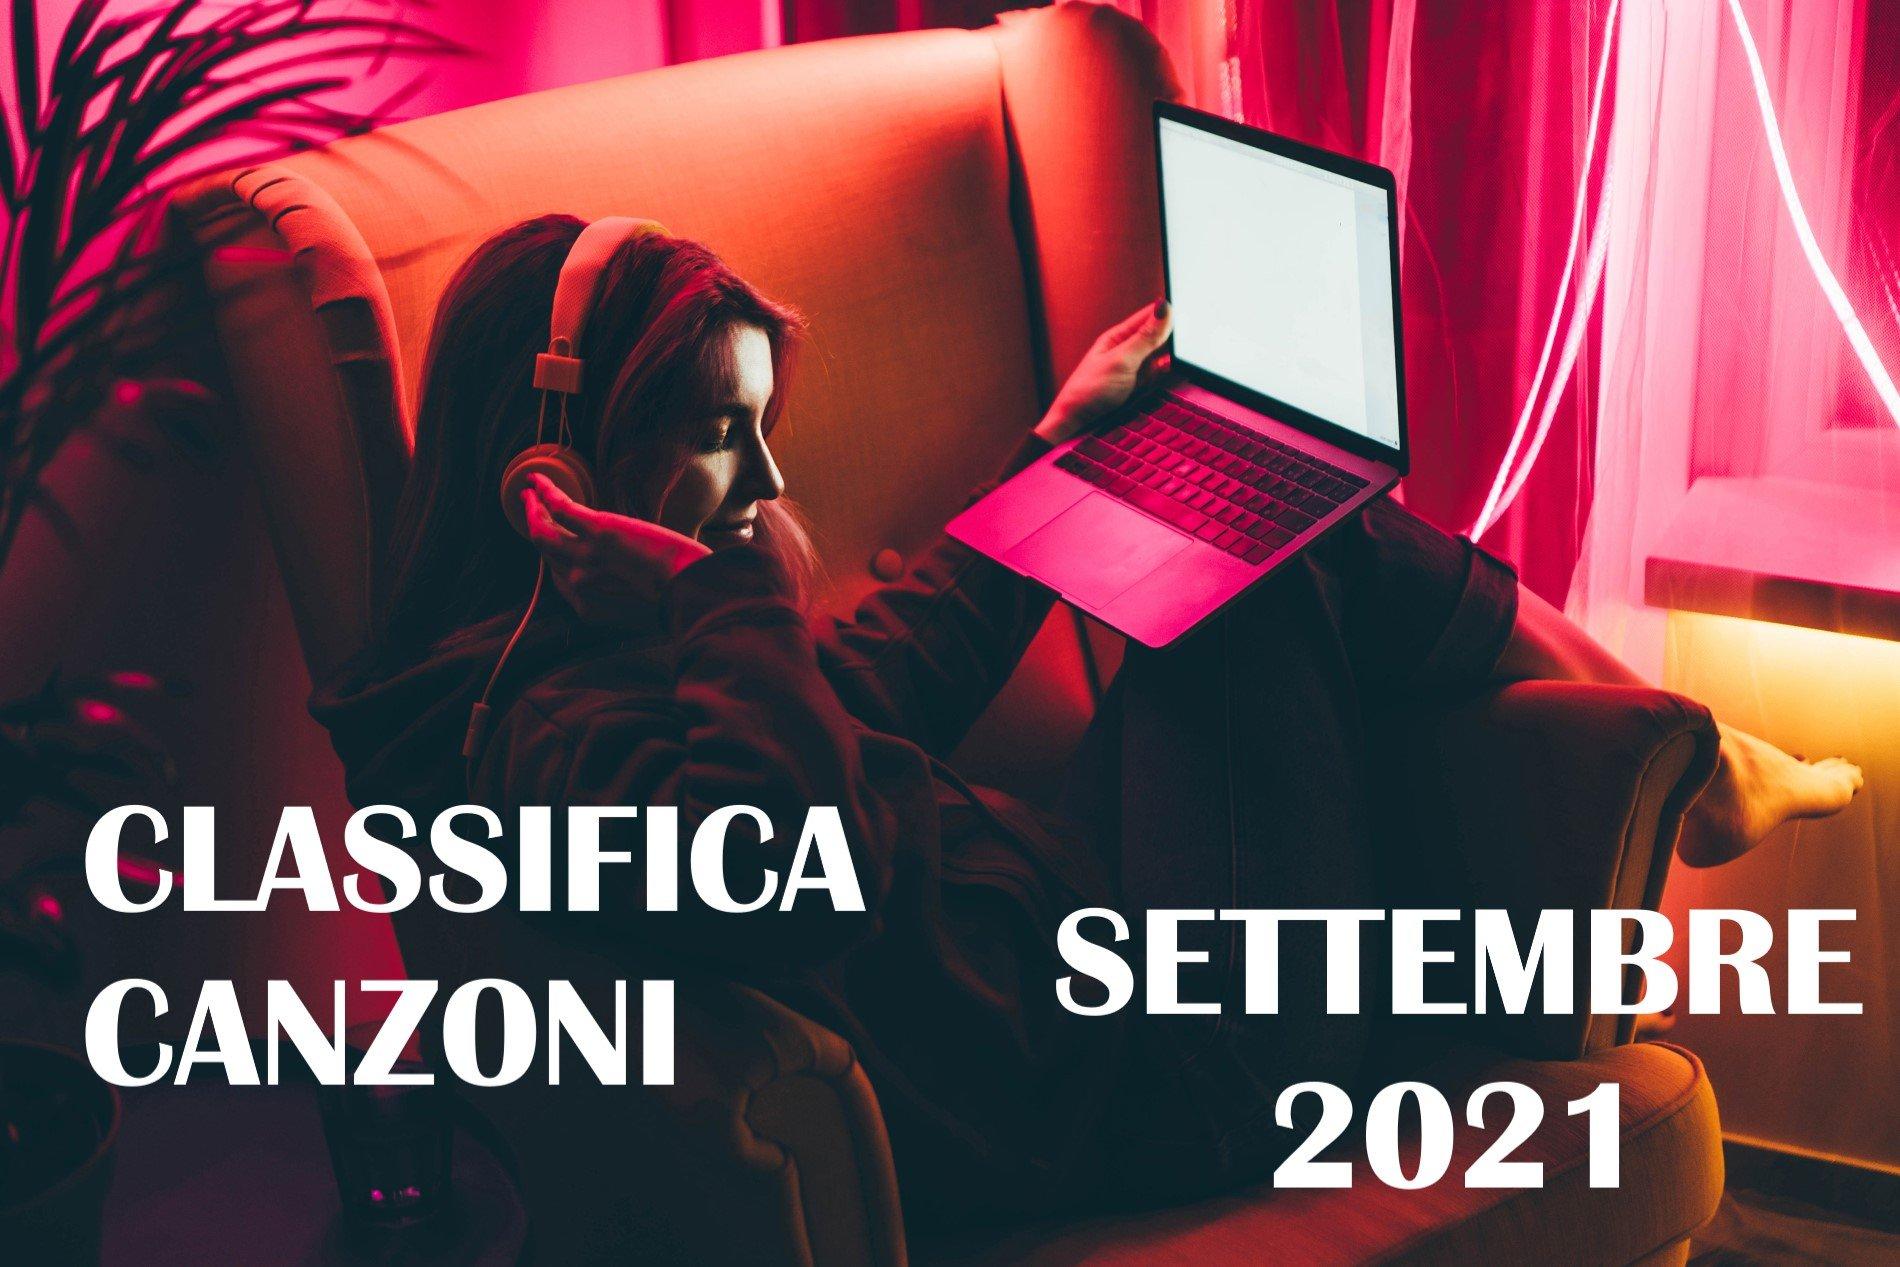 CLASSIFICA CANZONI SETTEMBRE 2021 – LA MIGLIORE MUSICA DEL MOMENTO SETTEMBRE 2021